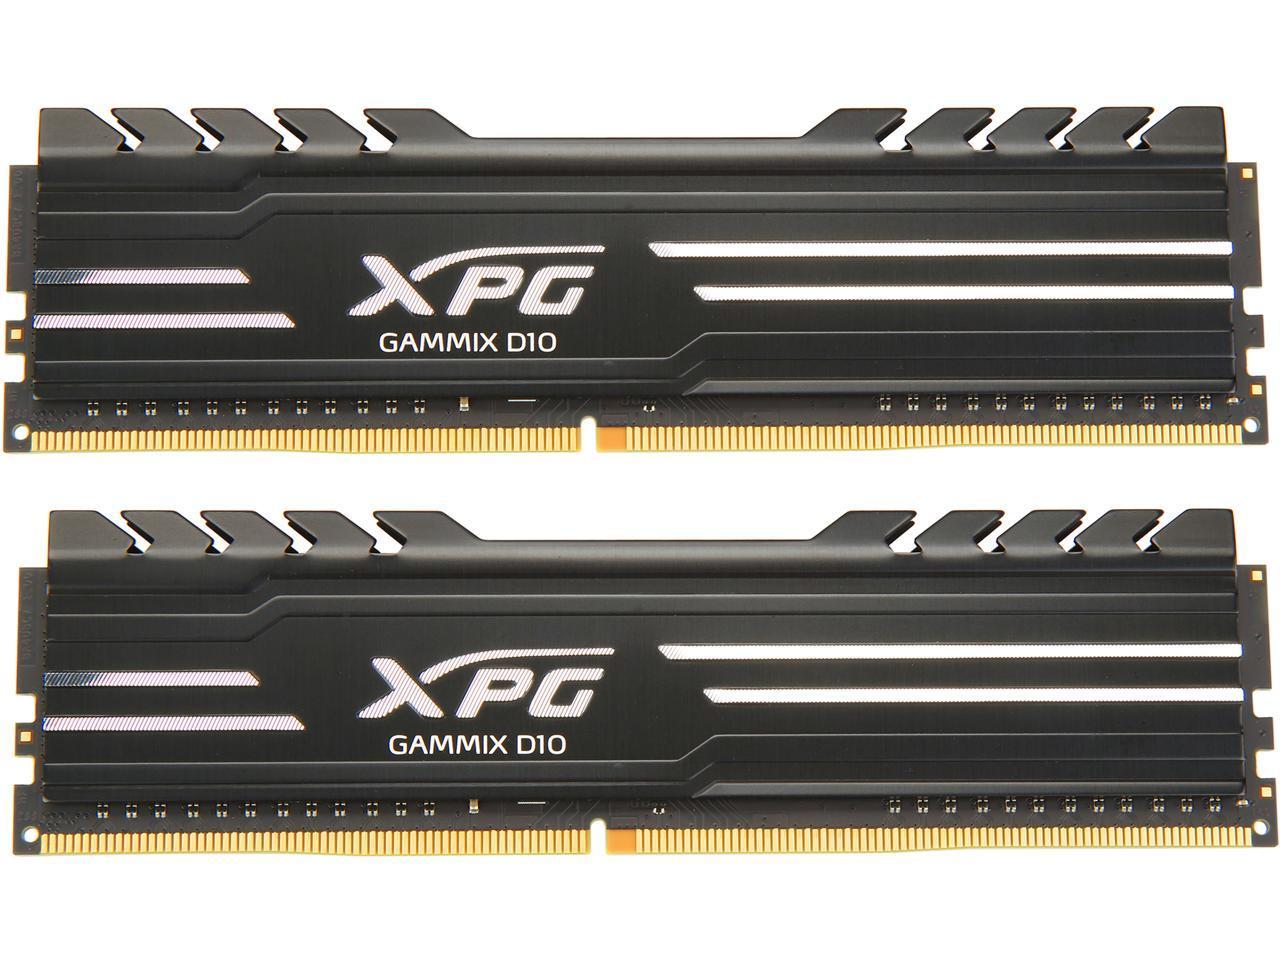 ADATA XPG GAMMIX D10 16GB Desktop Memory